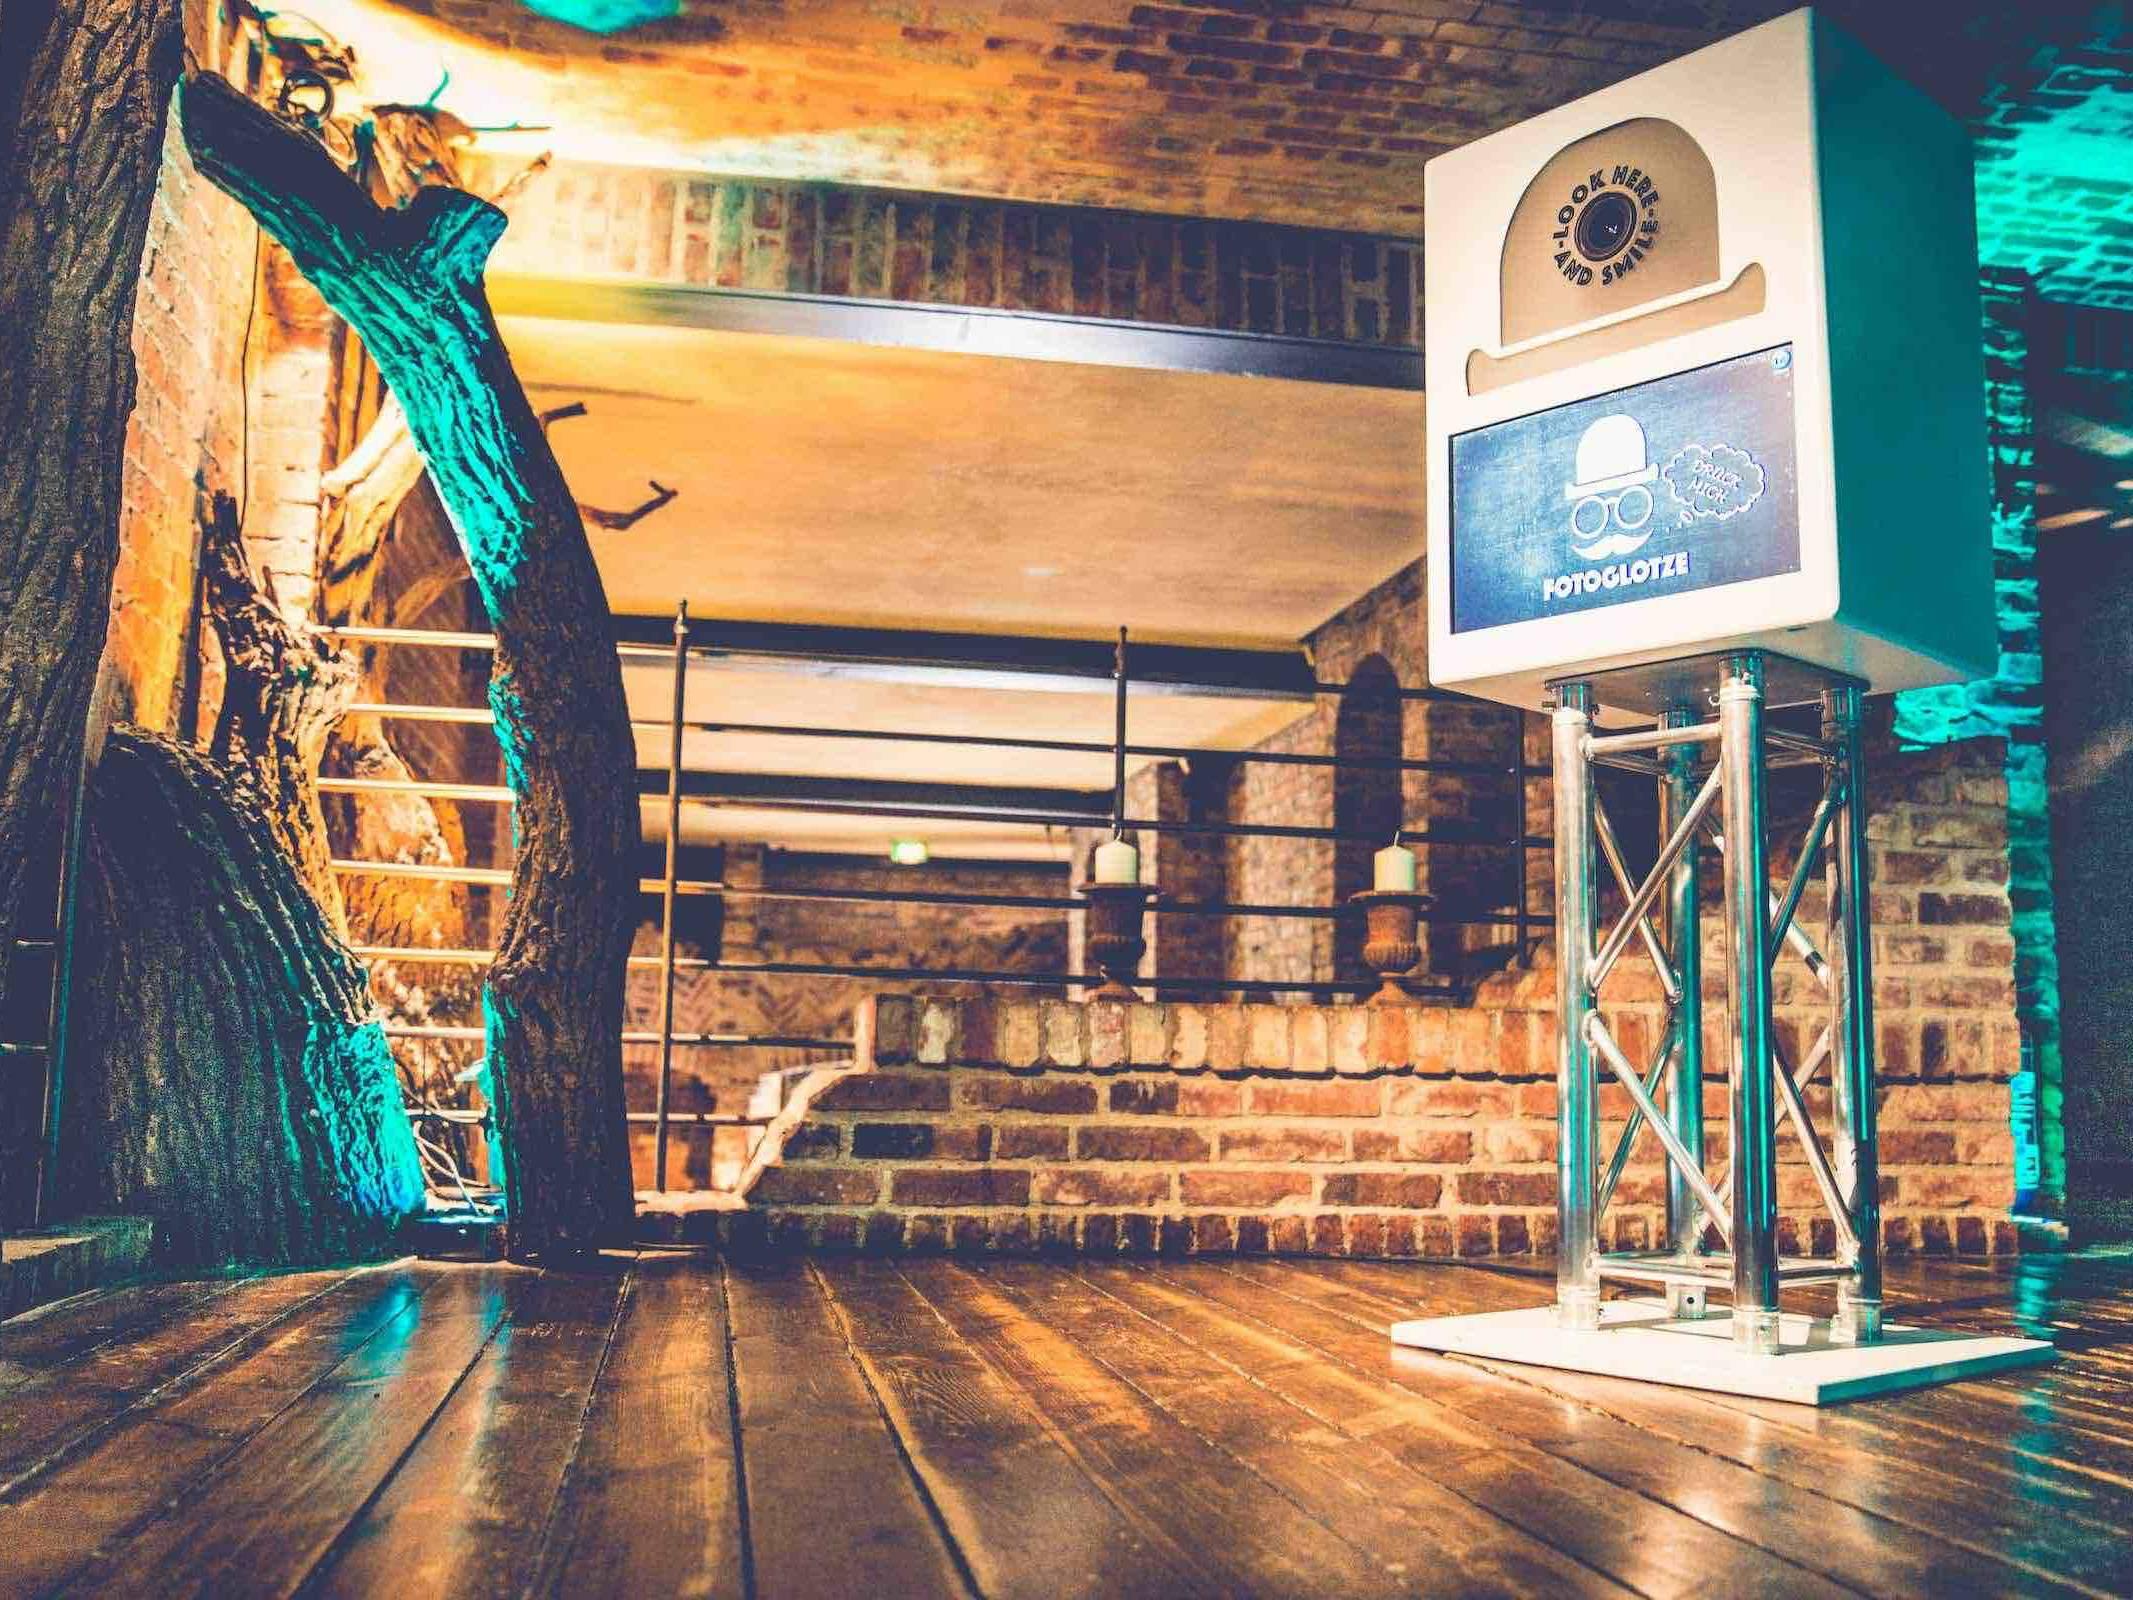 Fotobox   Hamburg   Mieten   Druck   Ausdruck   Sofortdruck   Fotokiste   Photobooth   Fotoautomat   Hochzeit   Messe   Event   Firmenfeier   Fotokiste   Abiball   Mieten   Fotoglotze   Hamburgfeiert